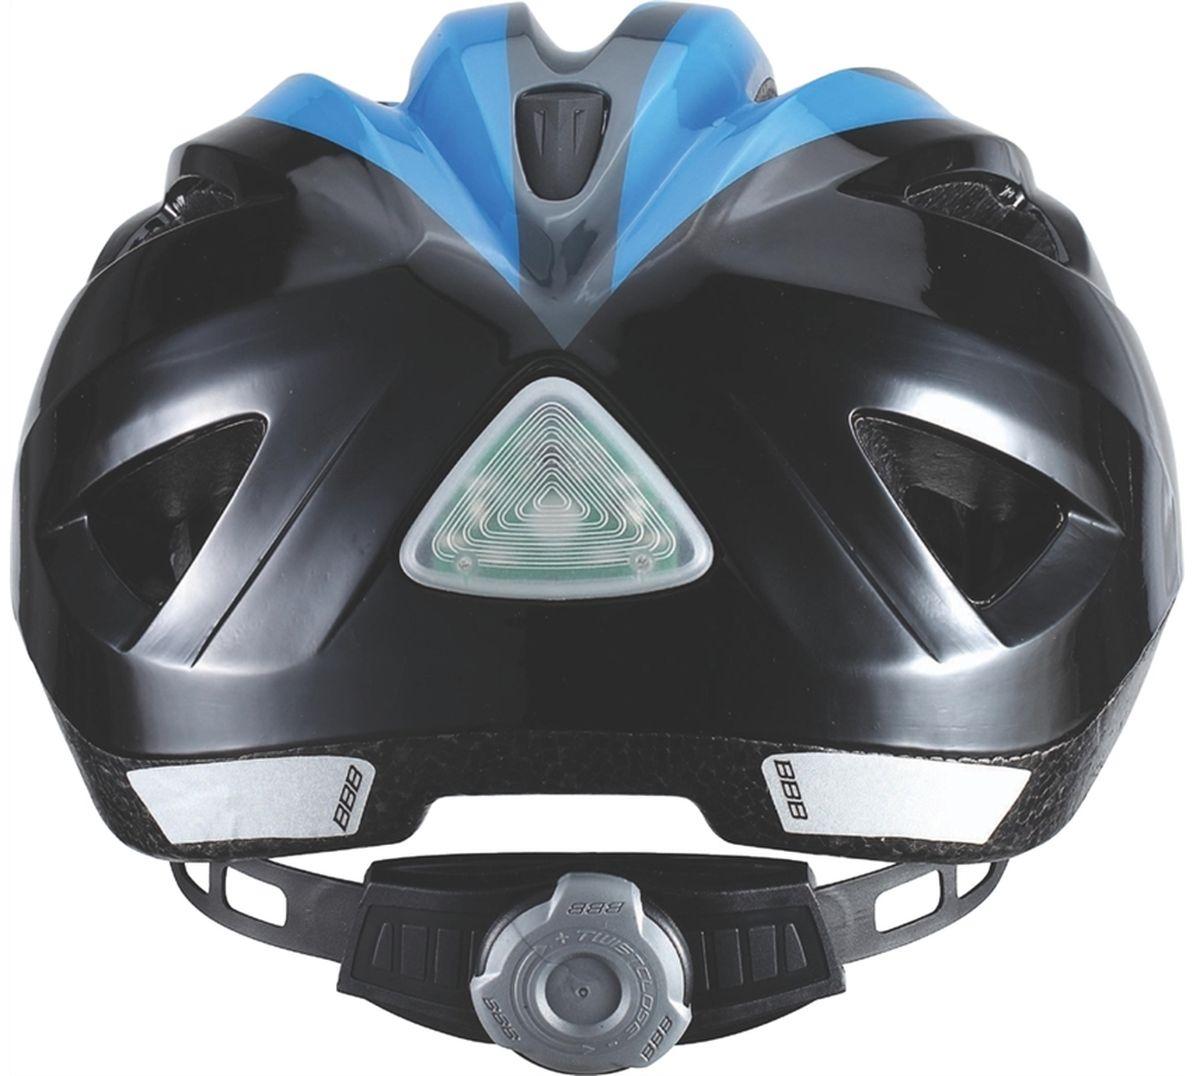 Безопасность превыше всего - девиз Hero. 11 вентиляционных отверстий обеспечивают отличную вентиляцию. На затылке - интегрированный светодиод с легко заменяемыми батарейками, чтобы ваши дети всегда были в полной безопасности. Интегрированная конструкция. 11 вентиляционных отверстий. Отверстия для вентиляции в задней части шлема для оптимального распределения потоков воздуха. Задний светодиодный габарит, включающийся нажатием. Защитная сетка от насекомых в вентиляционных отверстиях. Настраиваемые ремешки для максимально комфортной посадки. Простая в использовании система настройки TwistClose, можно настроить шлем одной рукой. Съемные мягкие накладки с антибактериальными свойствами и возможностью стирки. Светоотражающие наклейки на задней части шлема. Размеры: M (51-55 см)